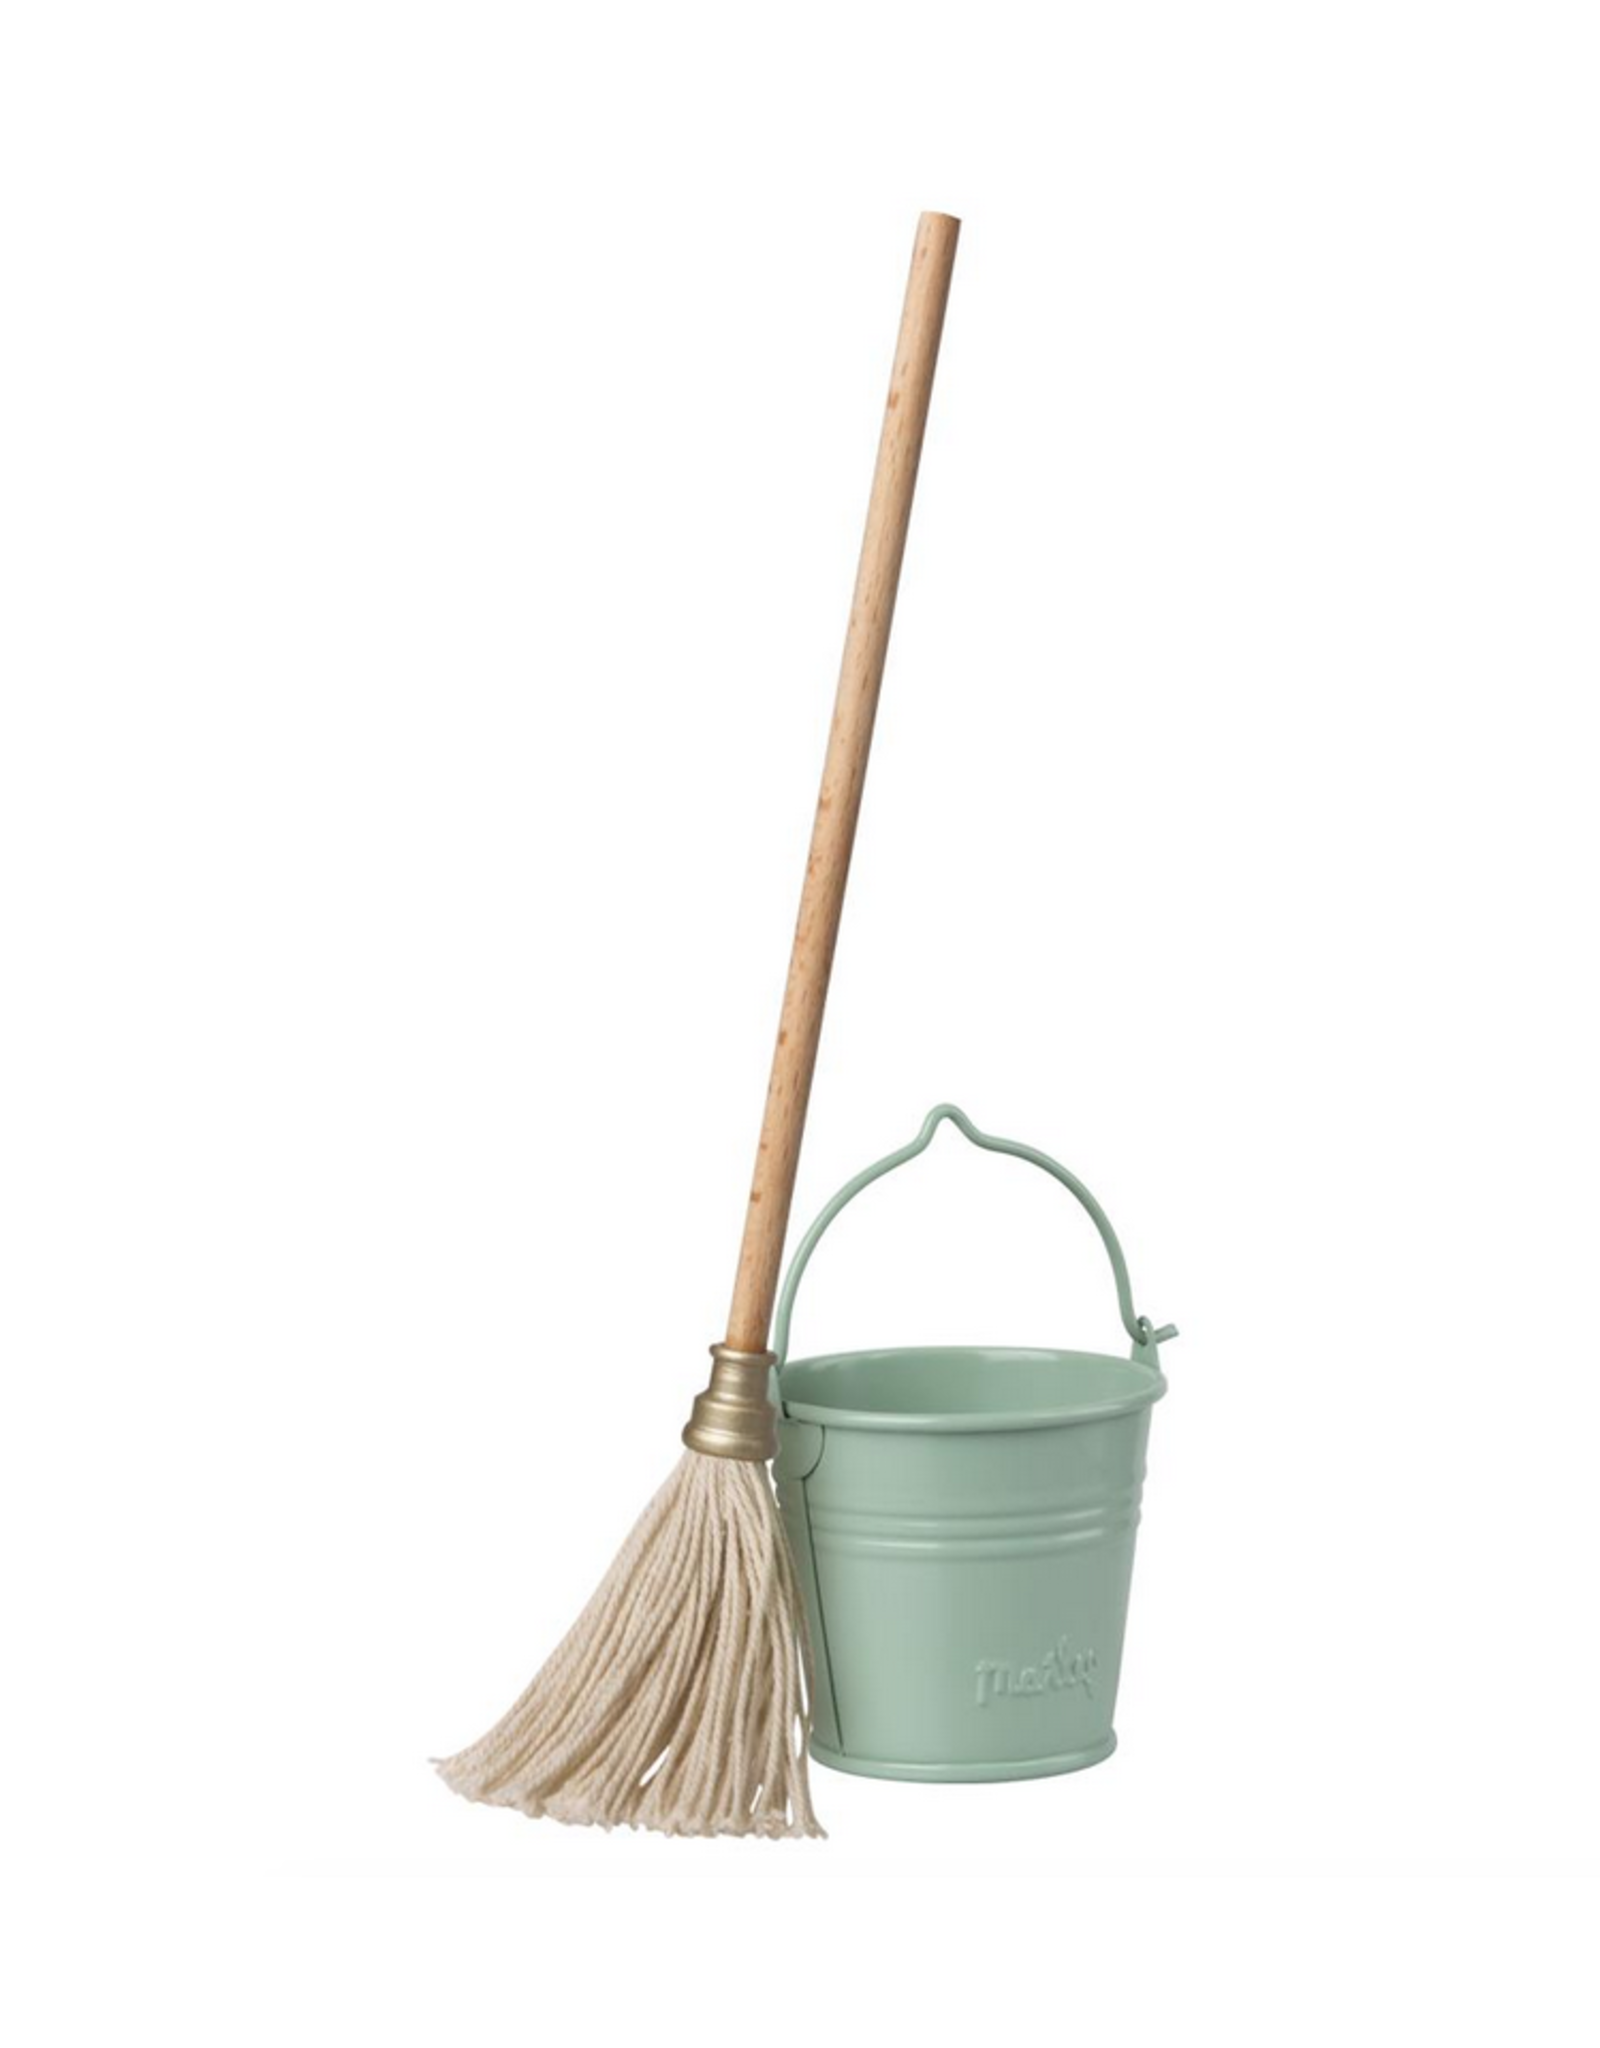 Maileg Miniature Bucket + Mop